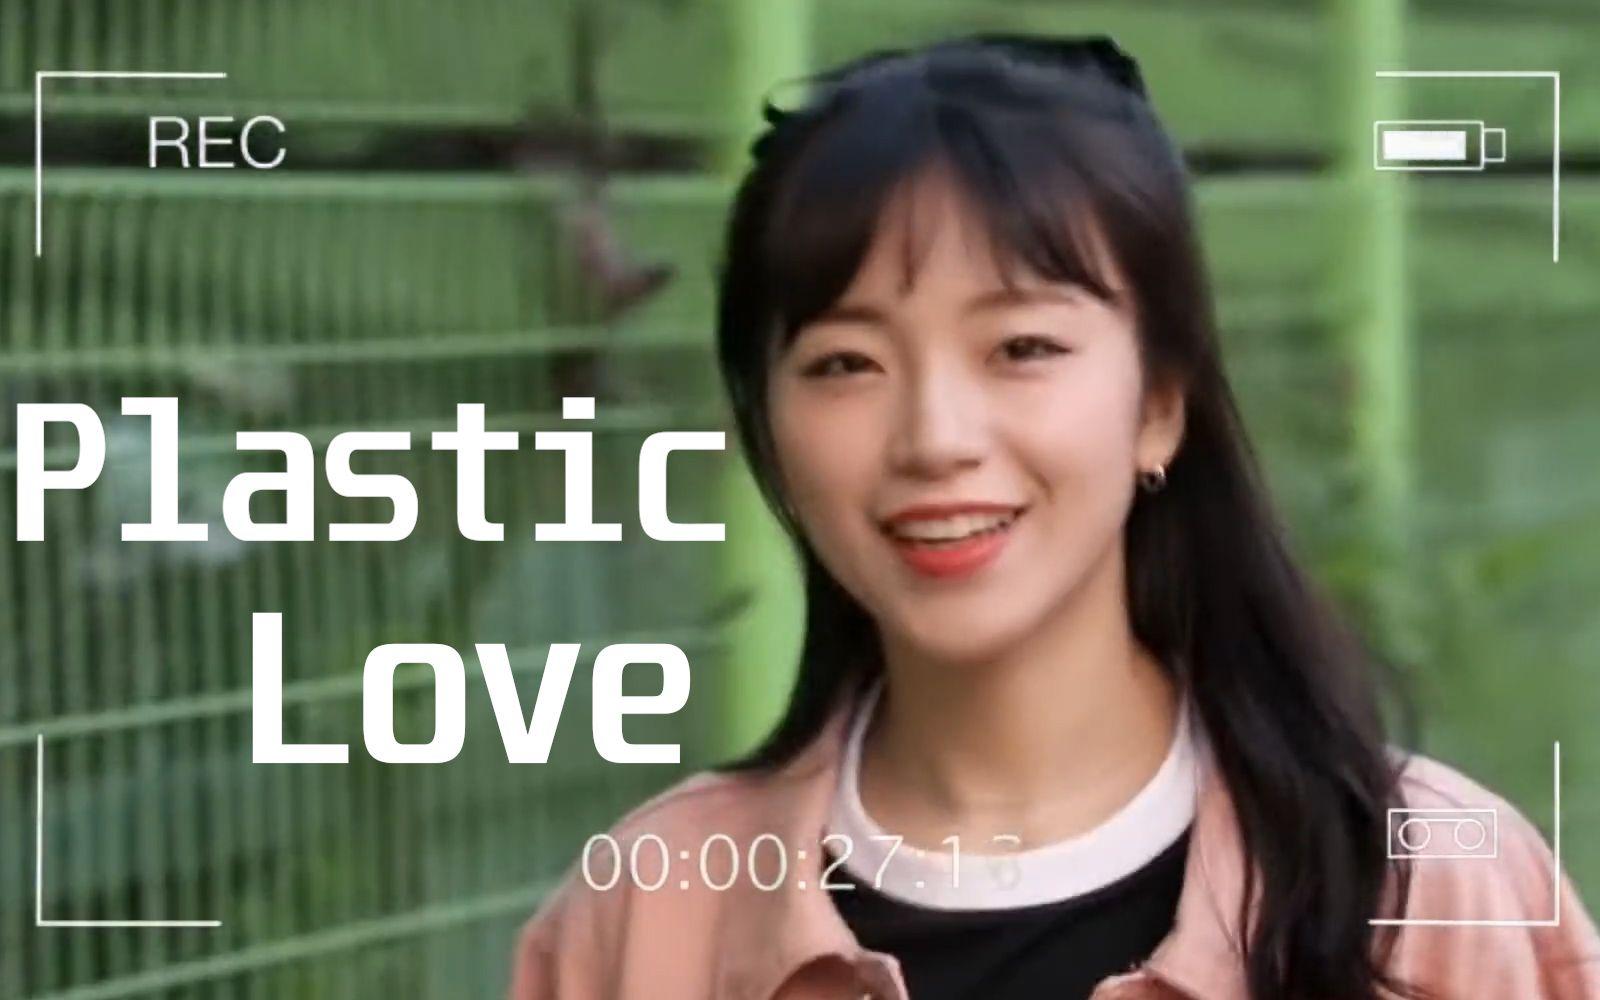 【中文字幕】 Plastic Love /竹内玛利亚 │Covered By Darlim&Hamabal_哔哩哔哩